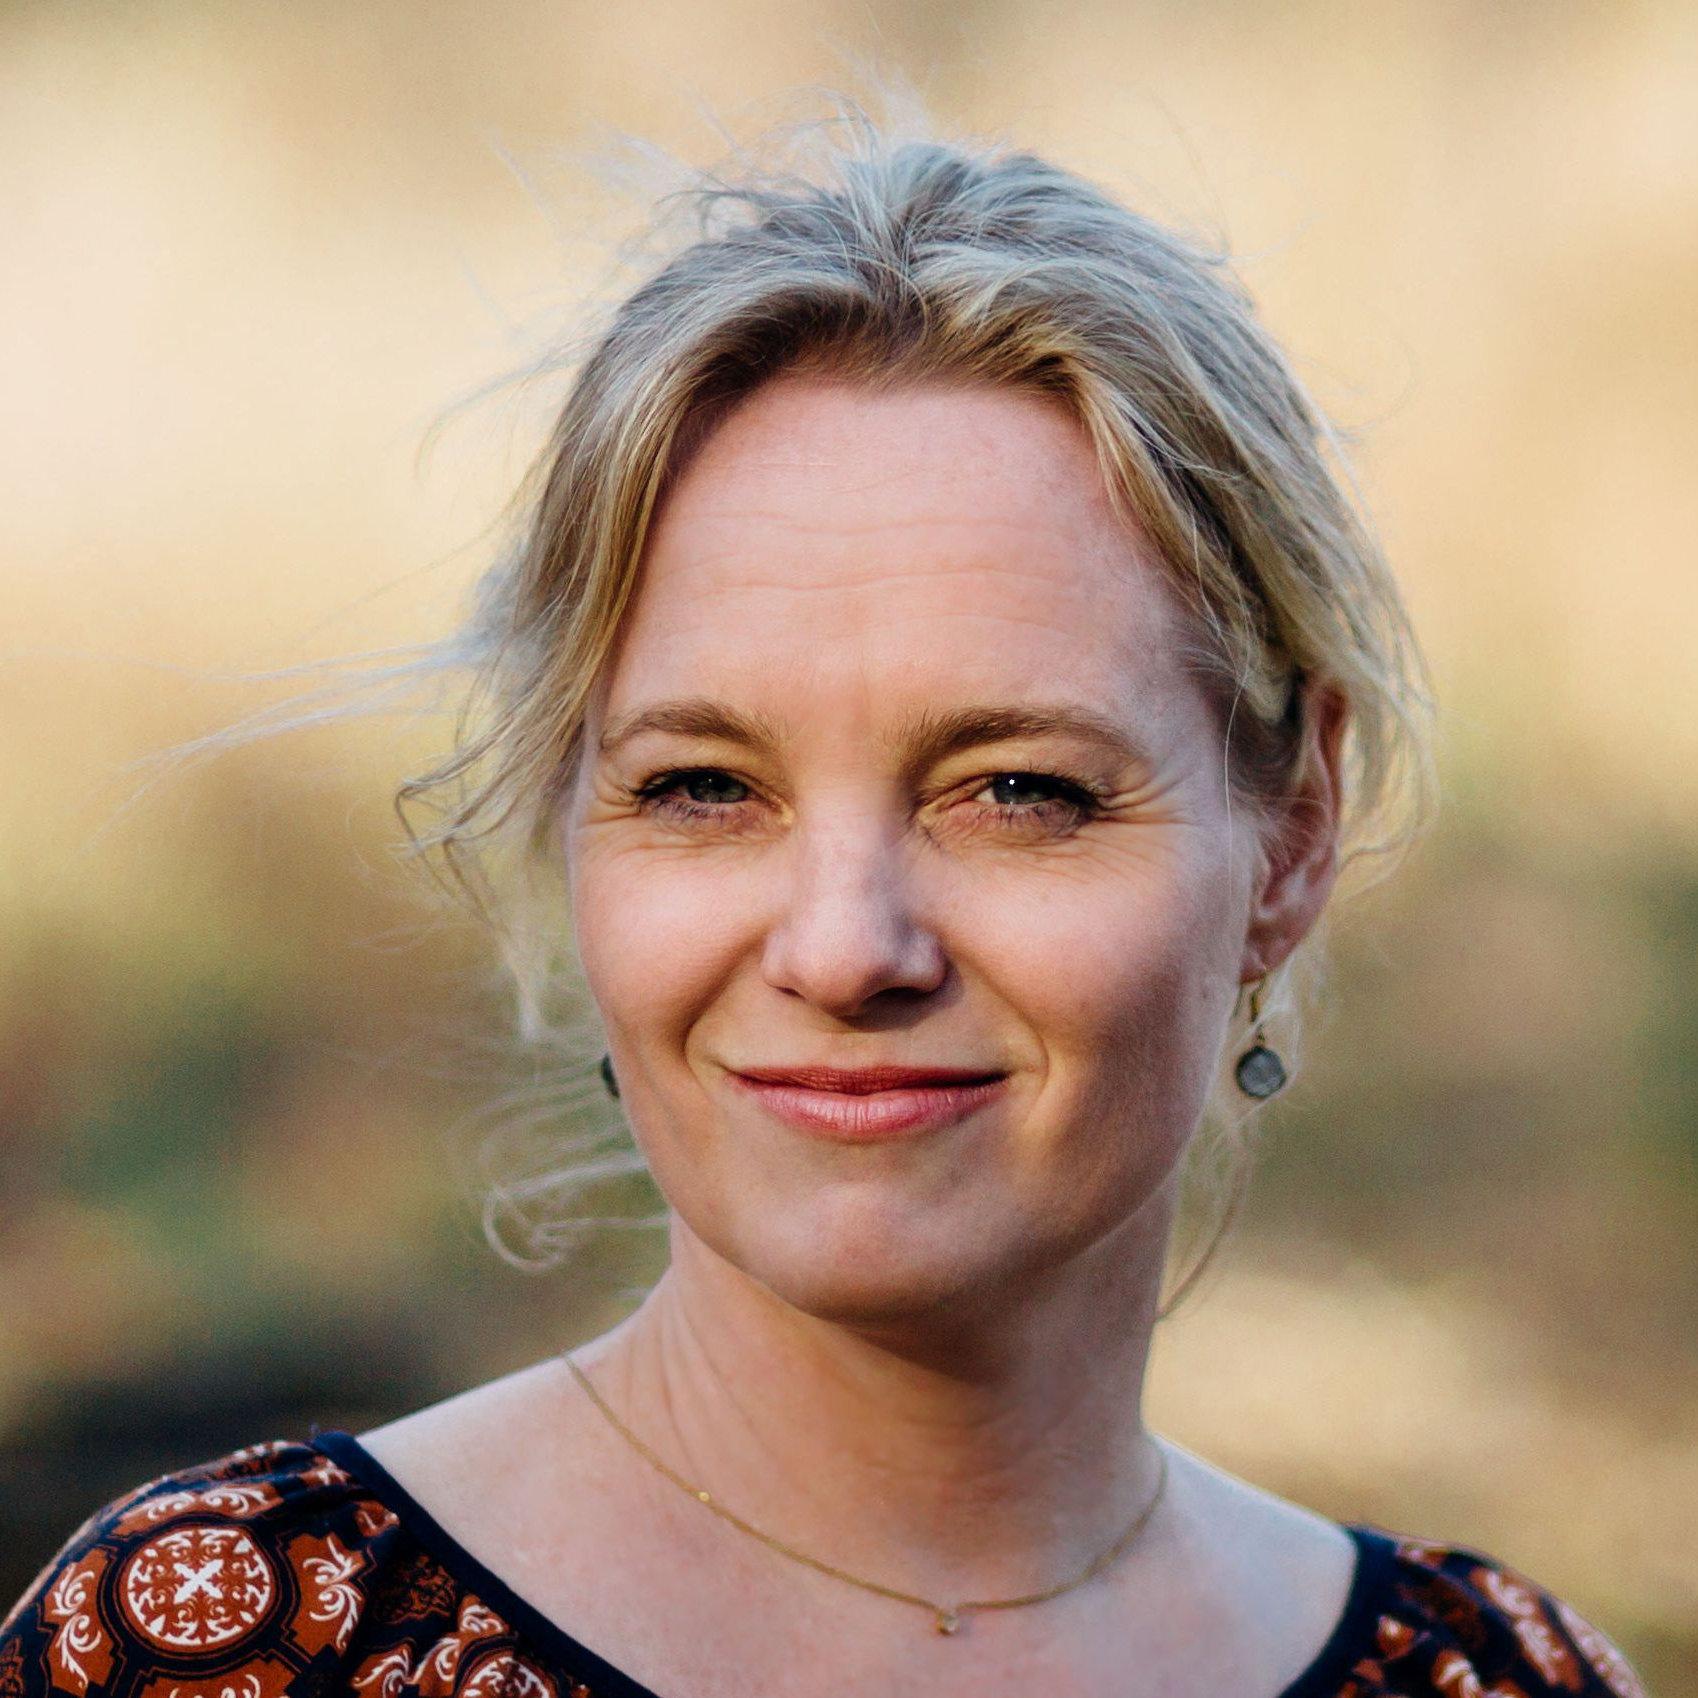 Annemieke Reesink